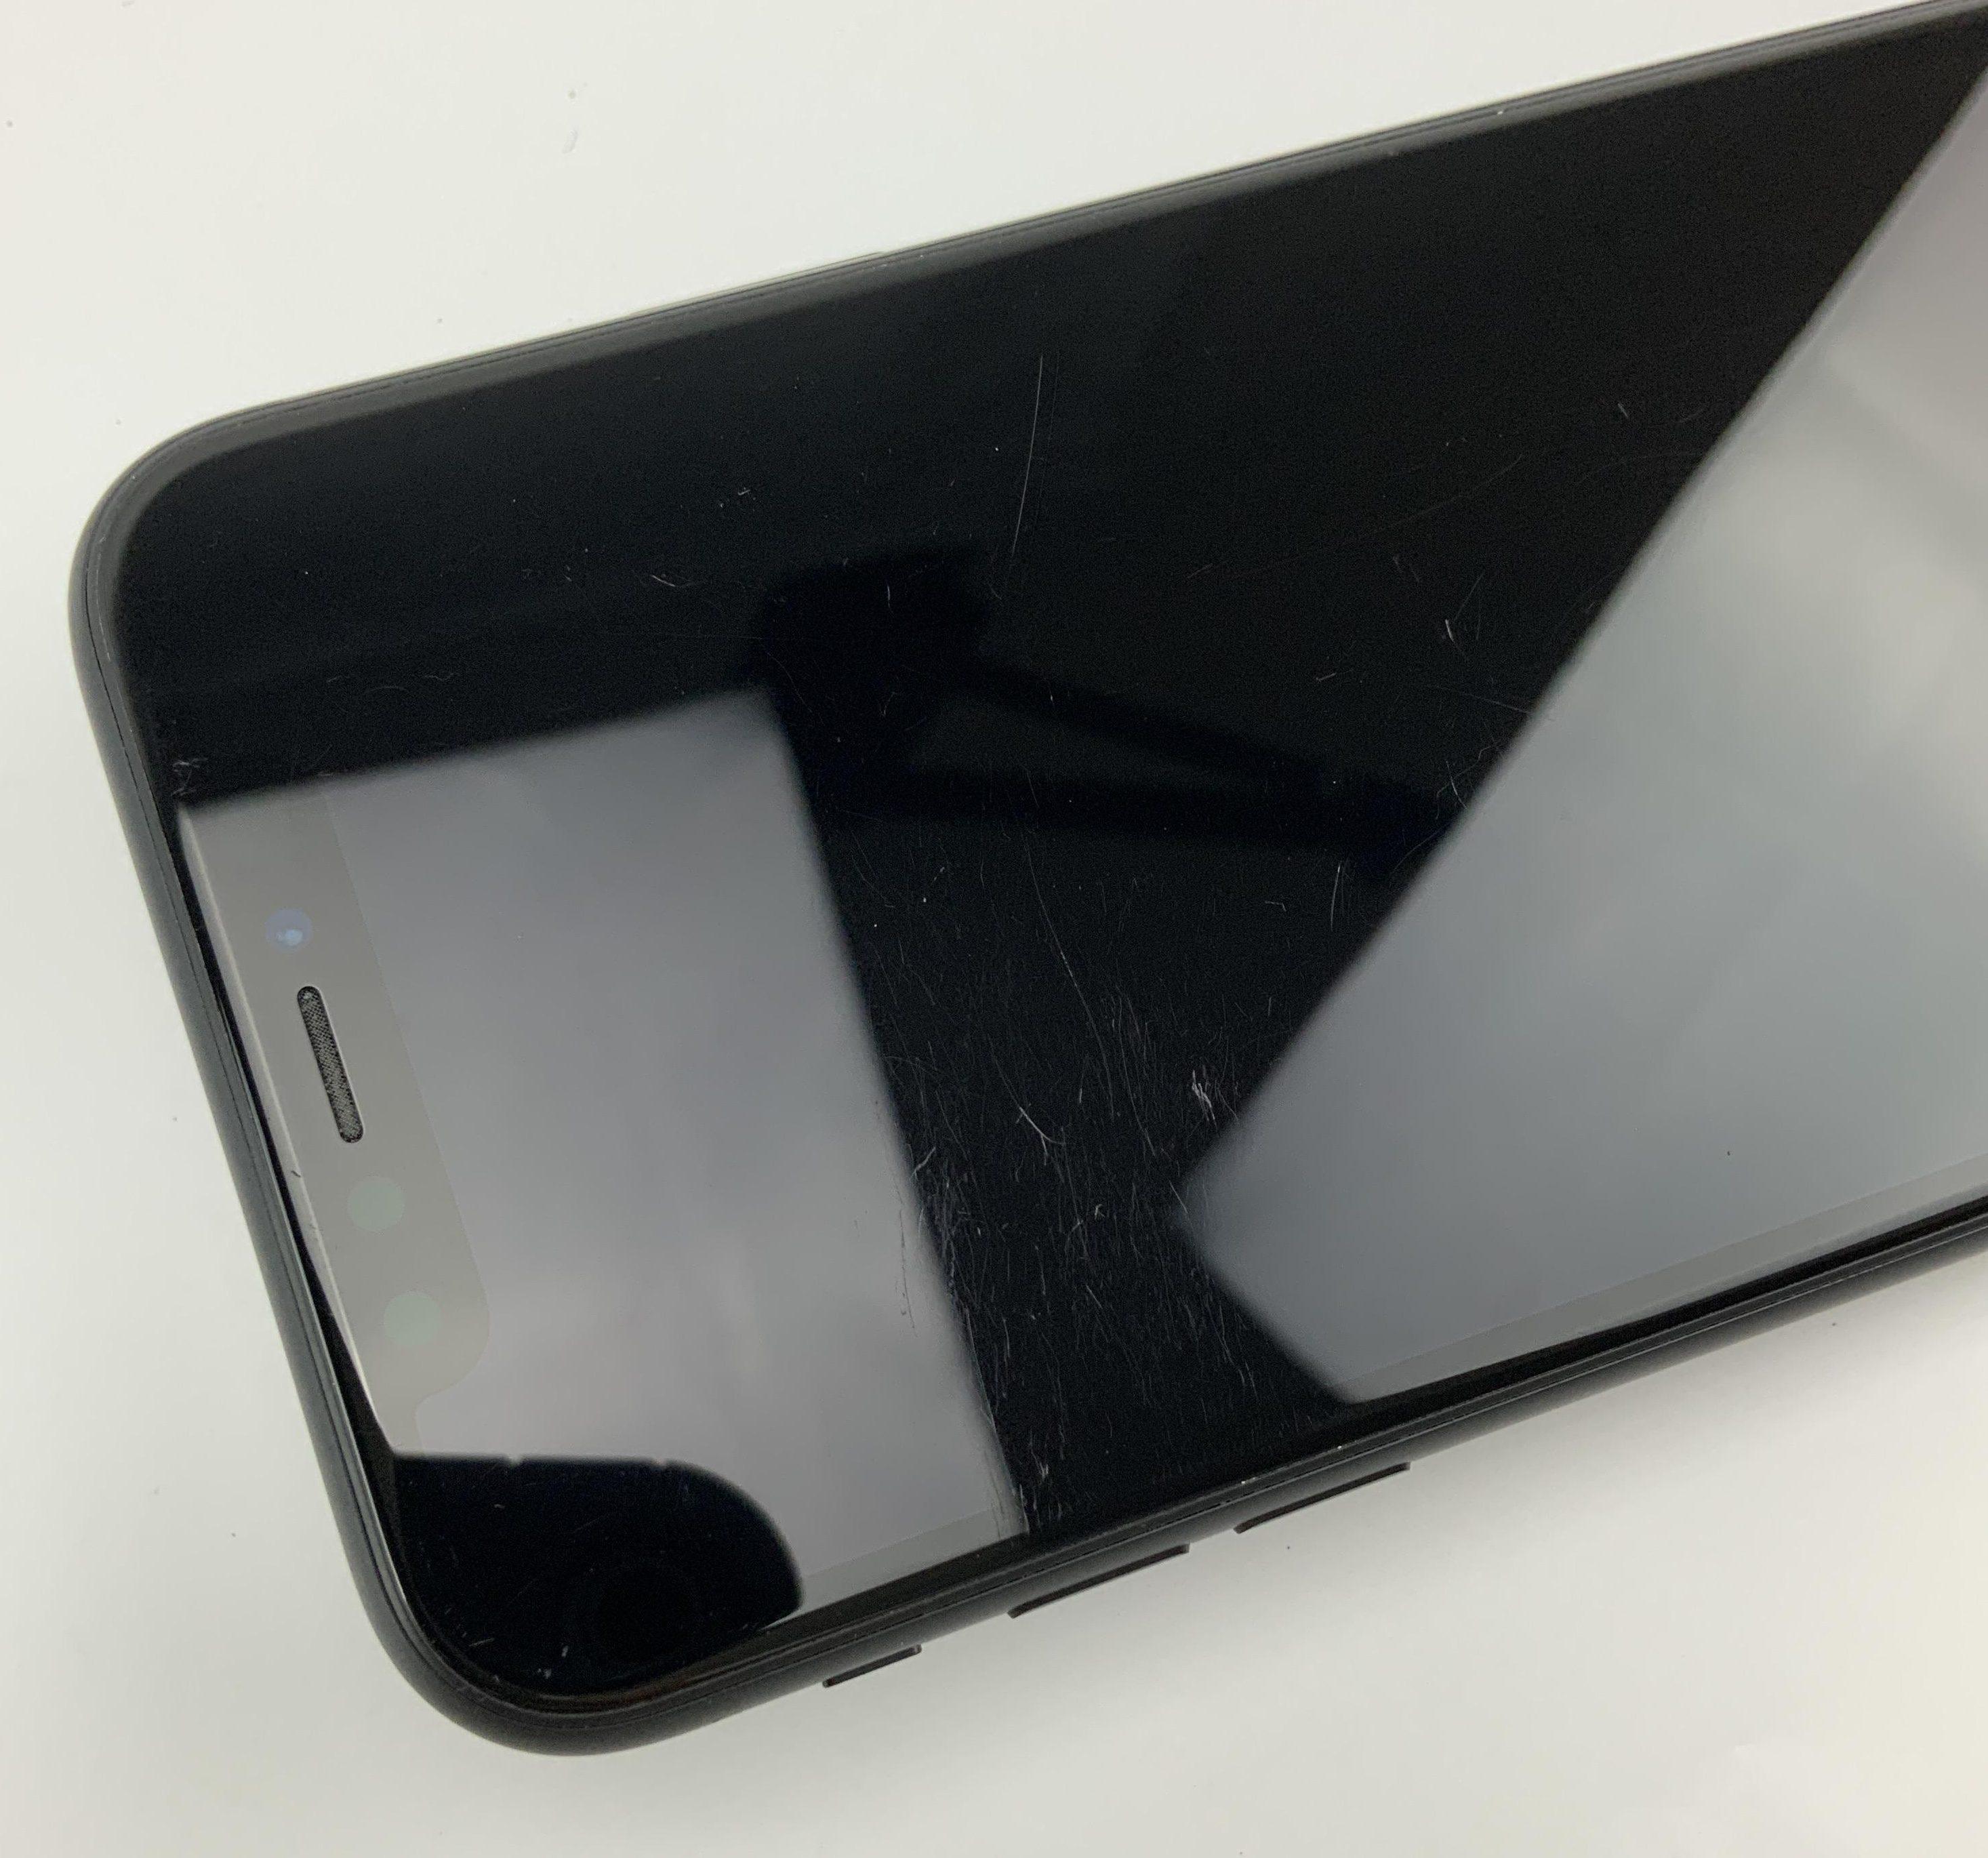 iPhone XR 256GB, 256GB, Black, bild 3